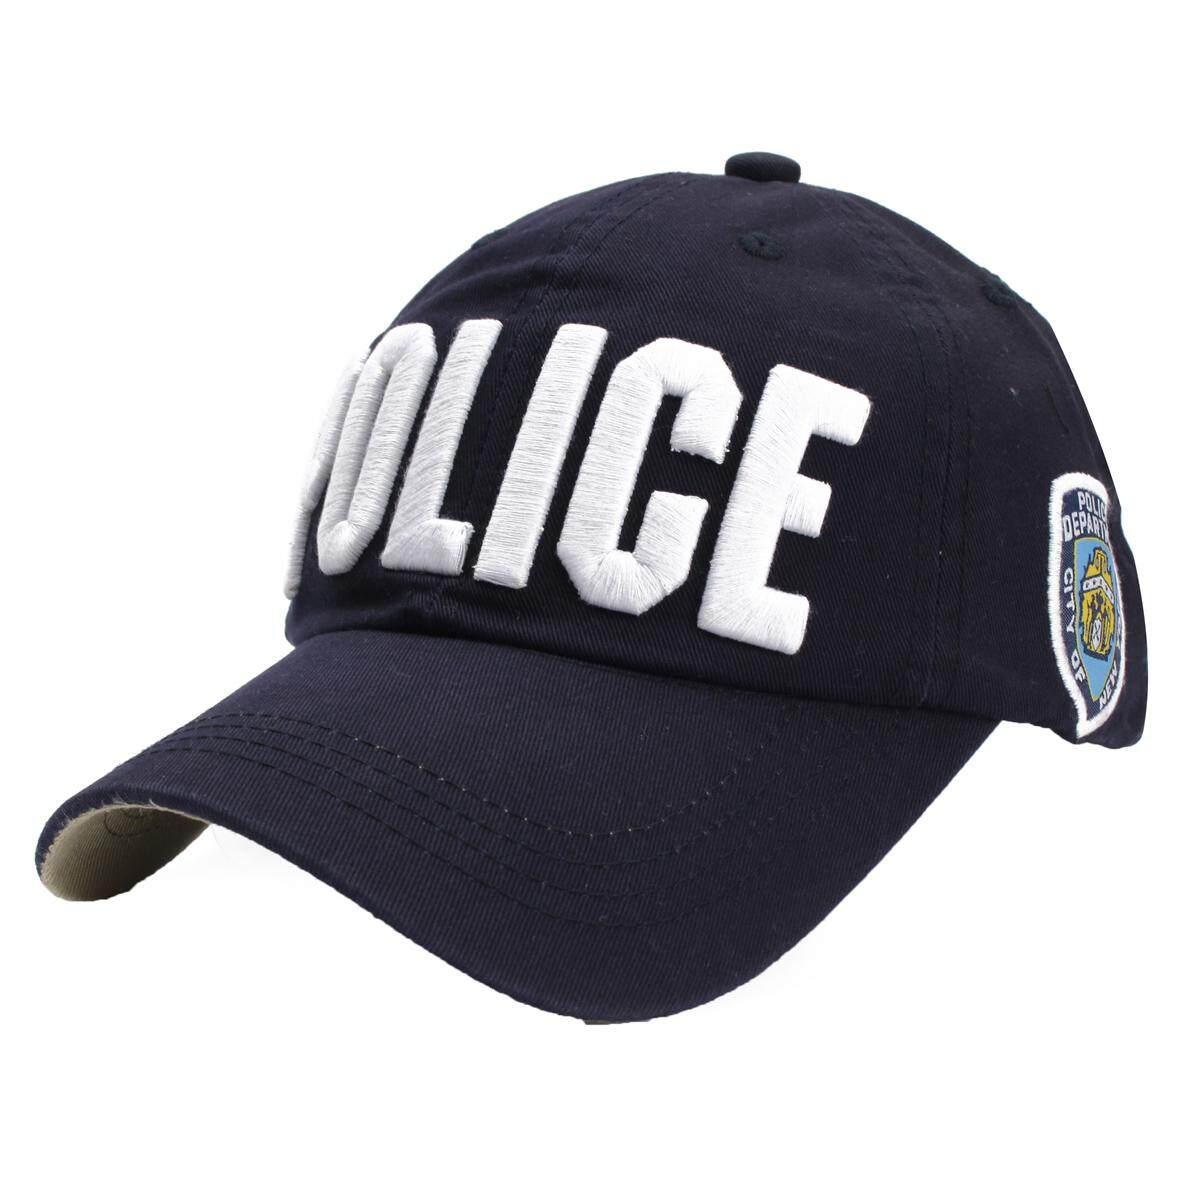 Wanita Pria Polisi Penegakan Hukum Kostum Polisi Topi Bola Baseball Visor Topi